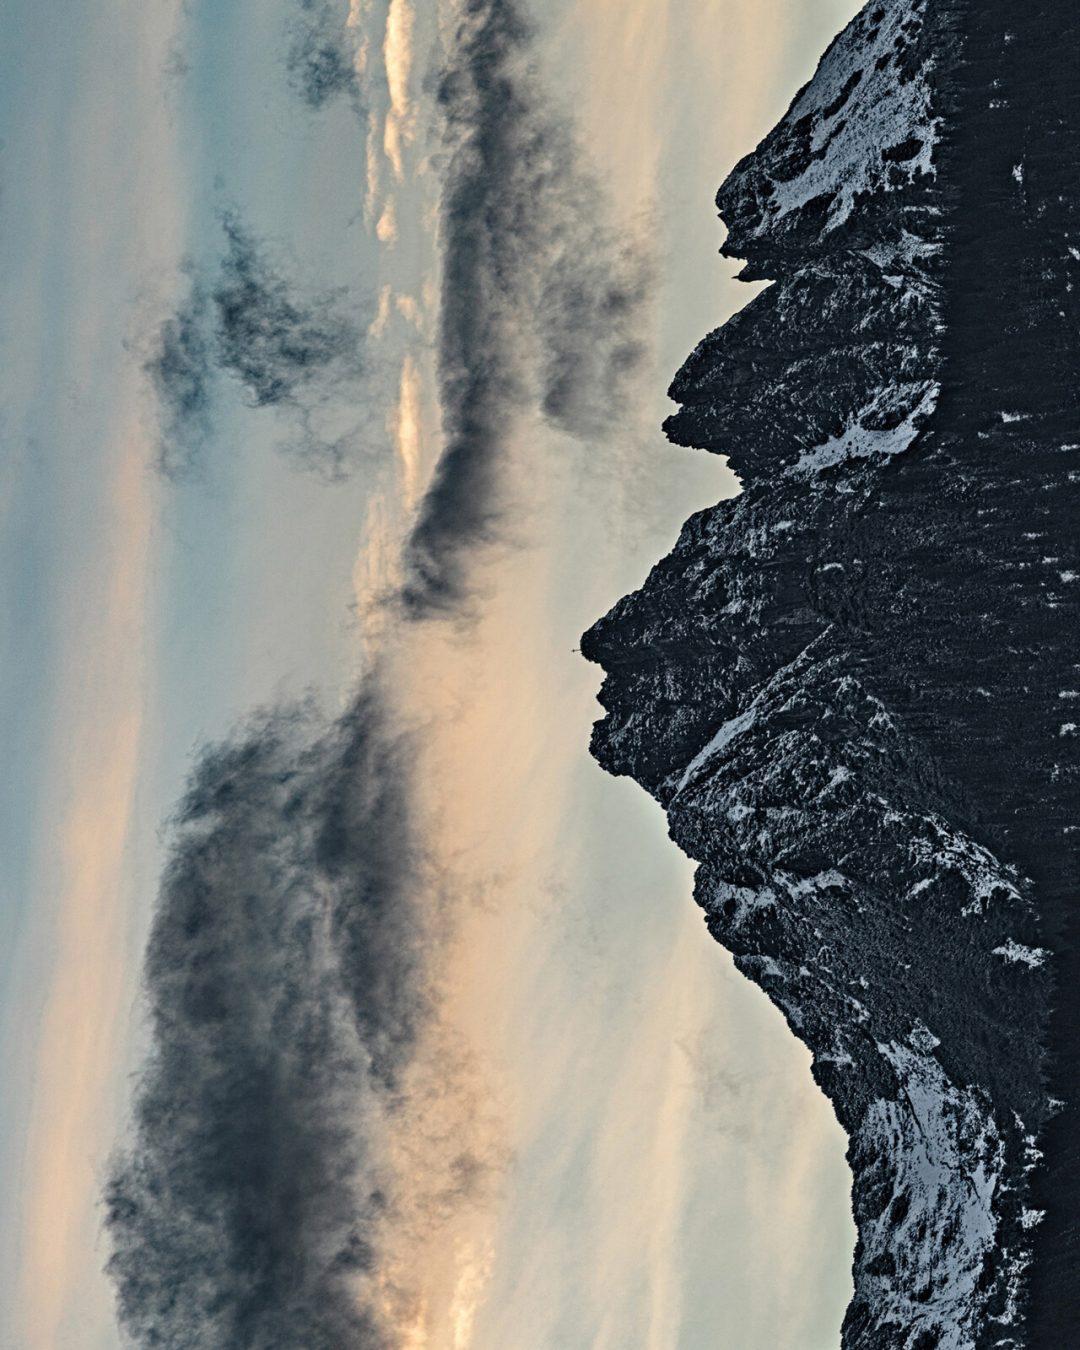 Queste montagne sembrano volti umani (basta ruotare le immagini di 90 gradi)